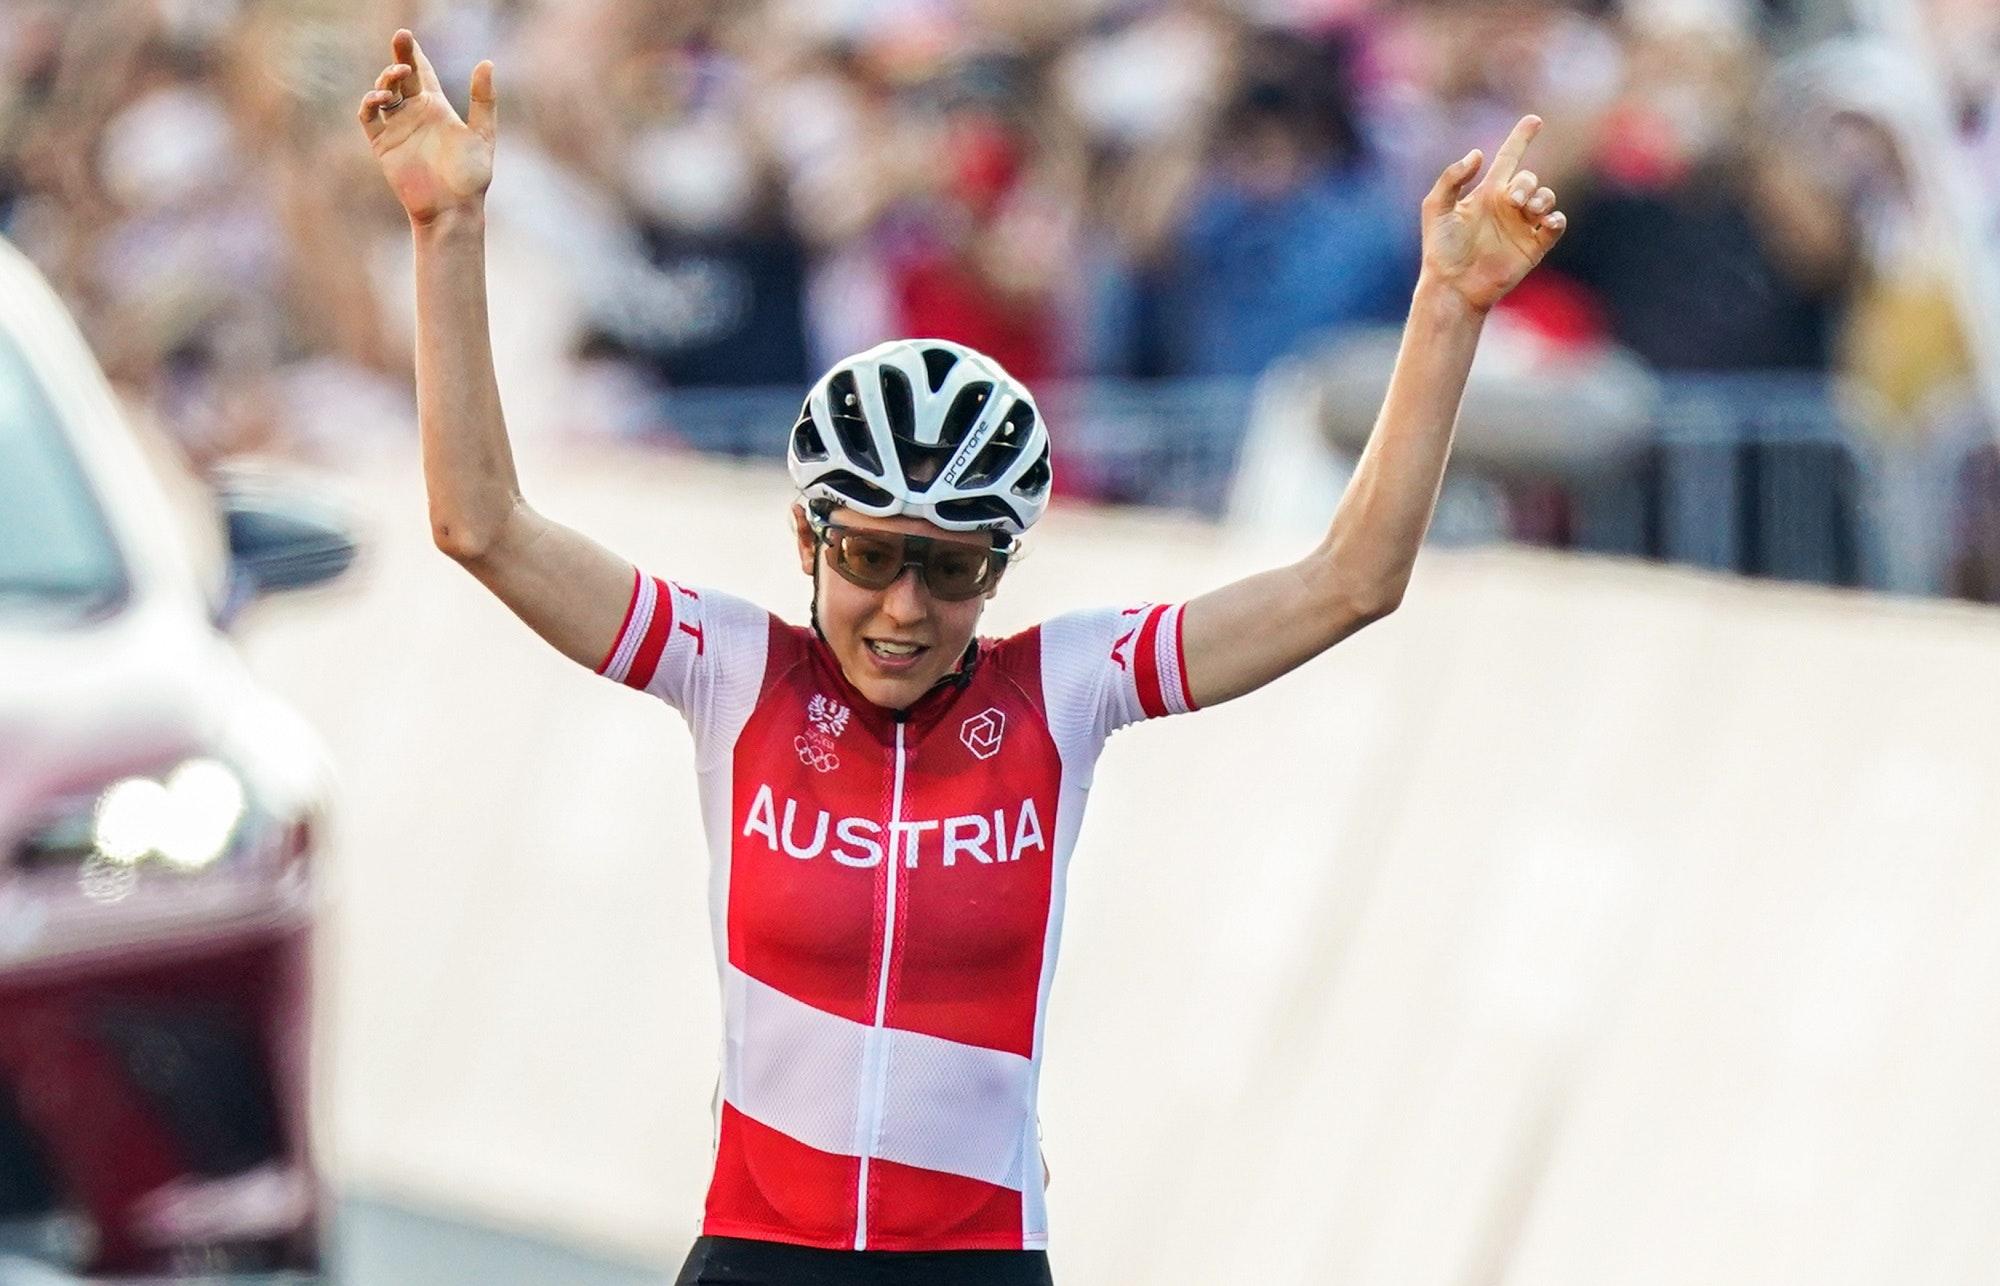 Igrzyska olimpijskie Tokio - kolarstwo Anne Kiesenhofer